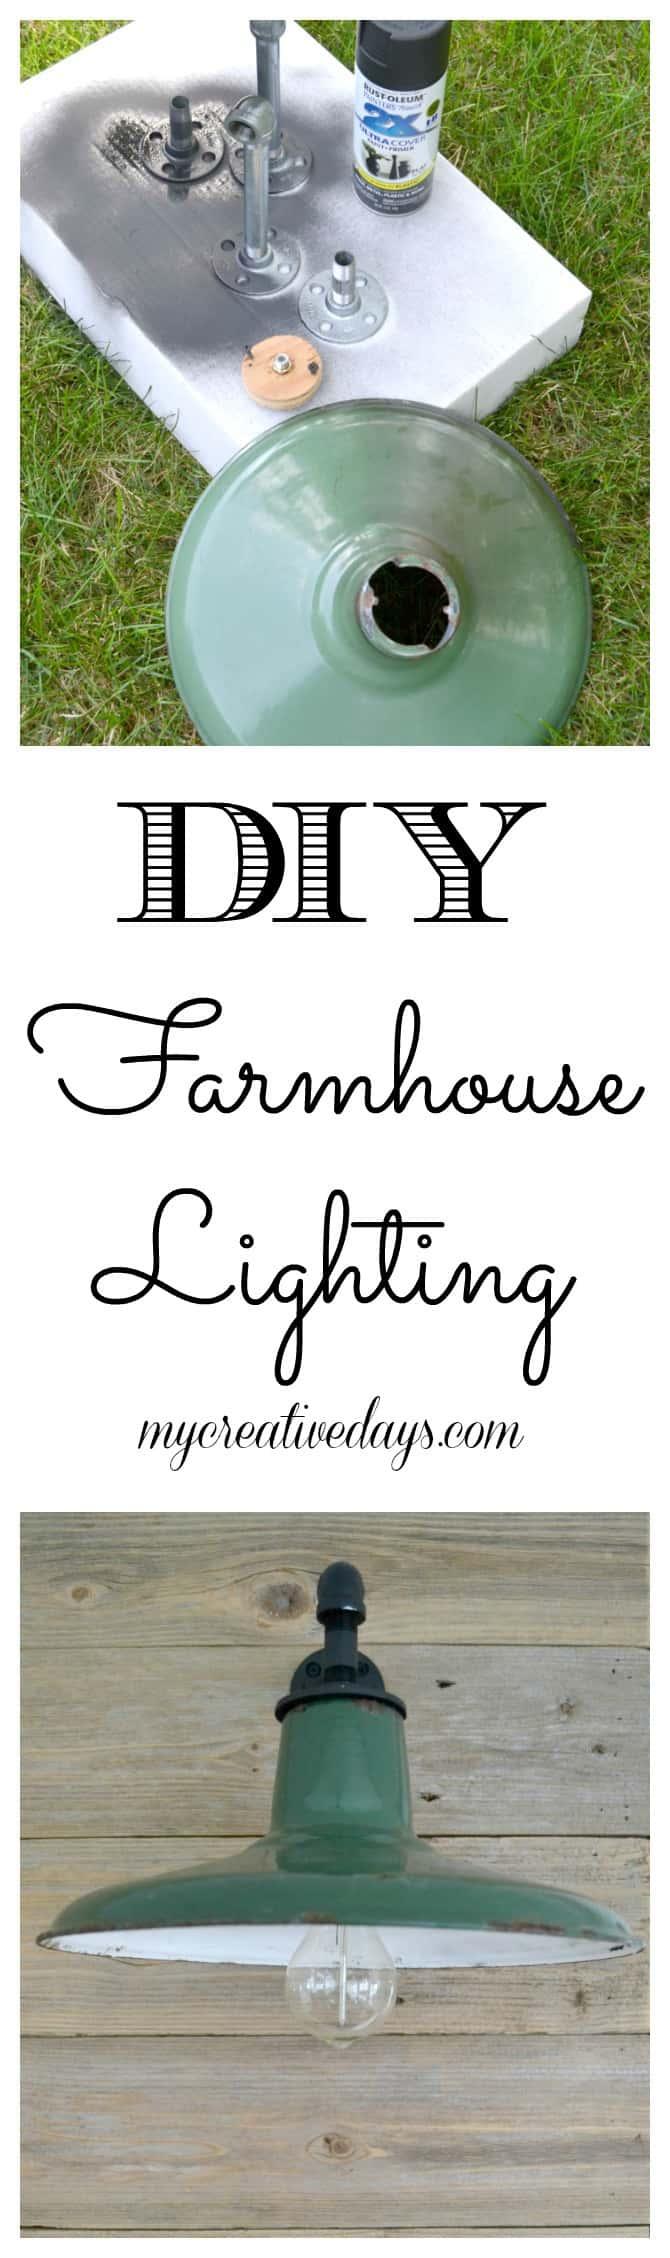 diy-farmhouse-lighting-my-creative-days-mycreativedays-com